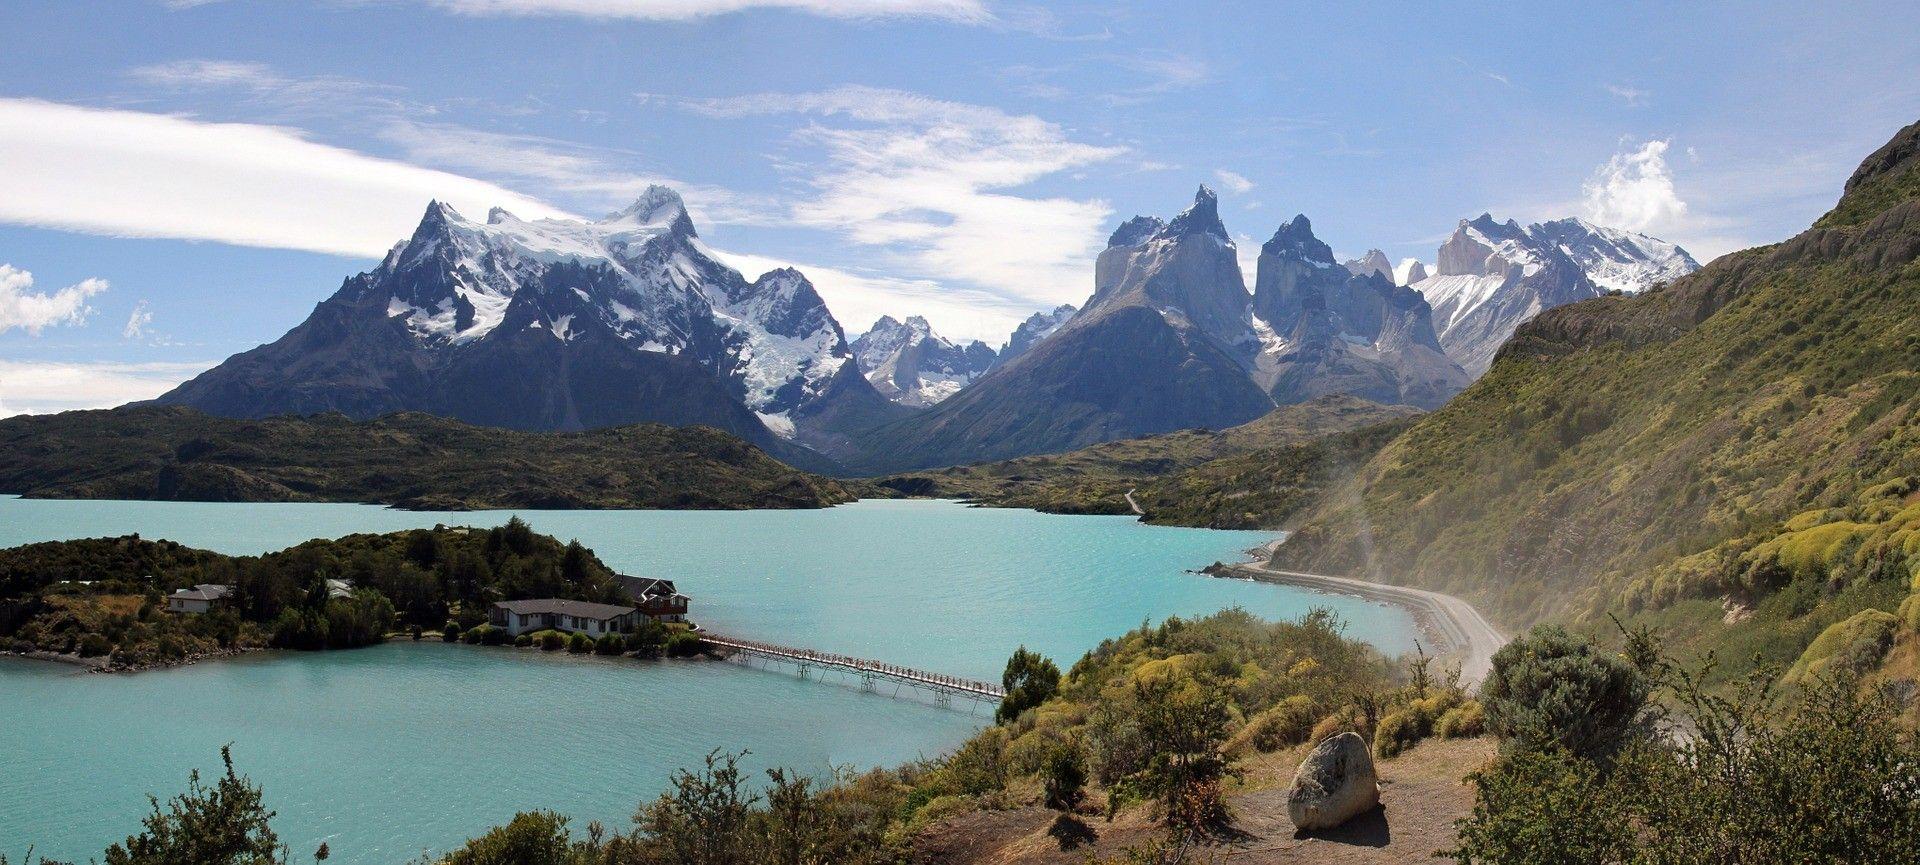 Chile reabrirá fronteras a visitantes antes del verano